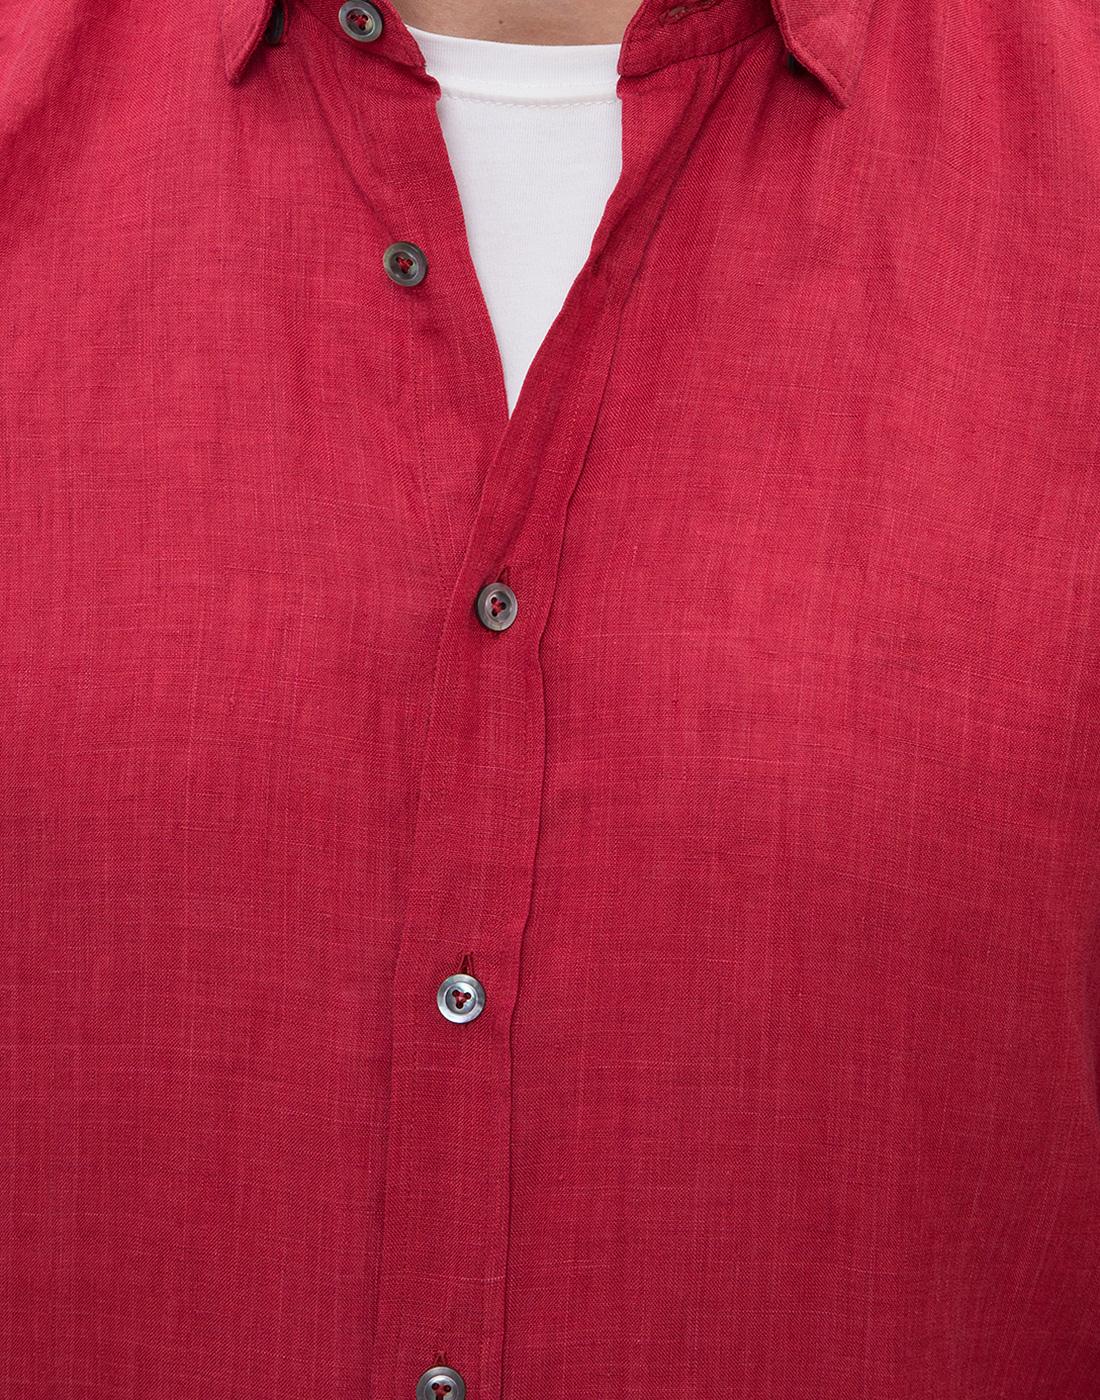 Мужская красная рубашка Van Laack S155315/570-6